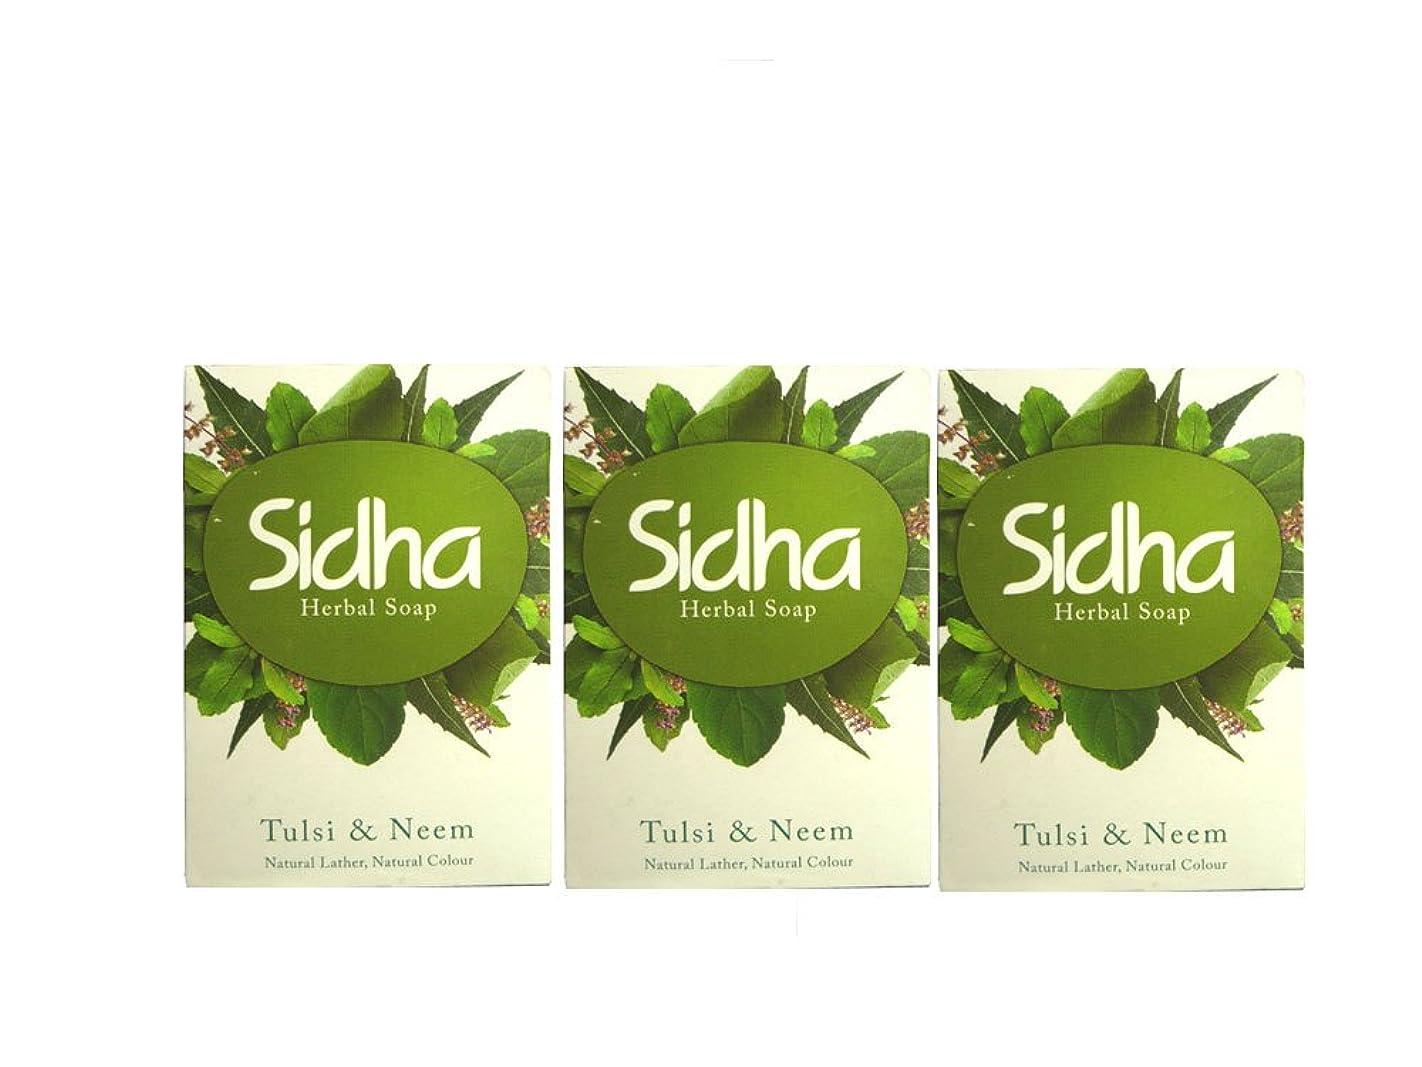 軽セグメント細心のSIHDH Herbal Soap Tulsi & Neem シダー ハ-バル ソープ 75g 3個セット